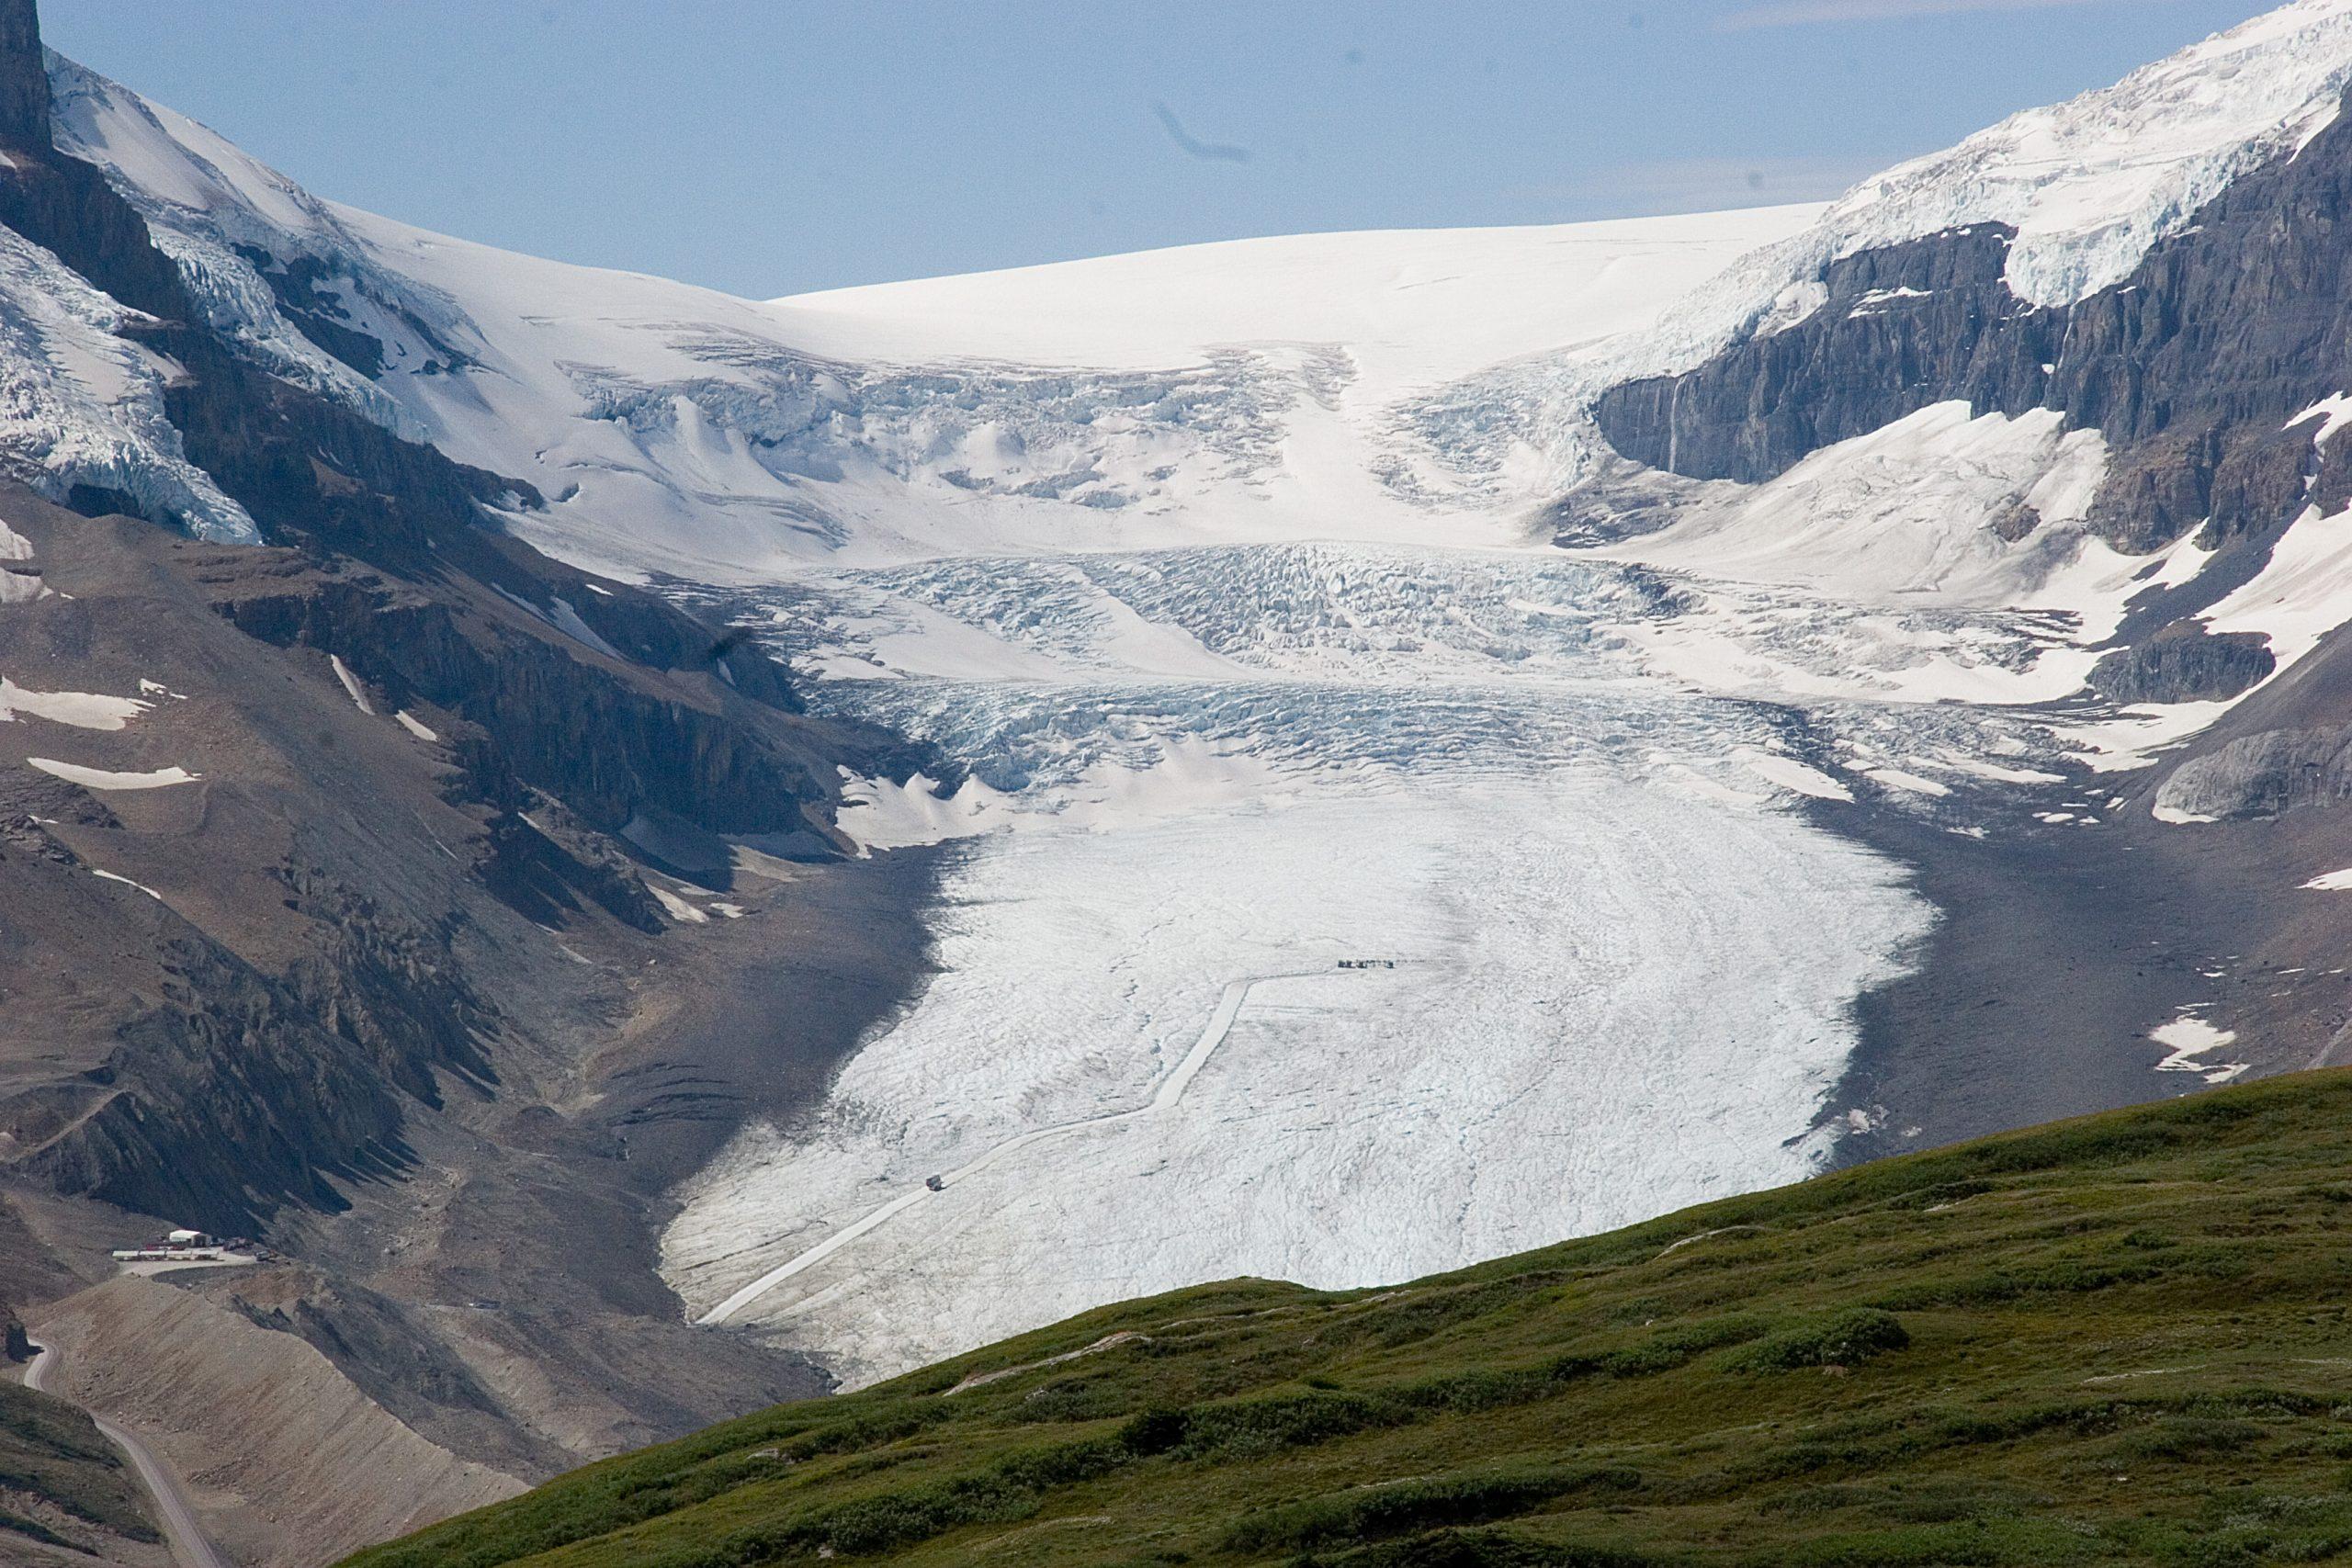 Athabasca Glacier. Wilcox Pass trail, Alberta, Canada  photo credit: Kimon Berlin